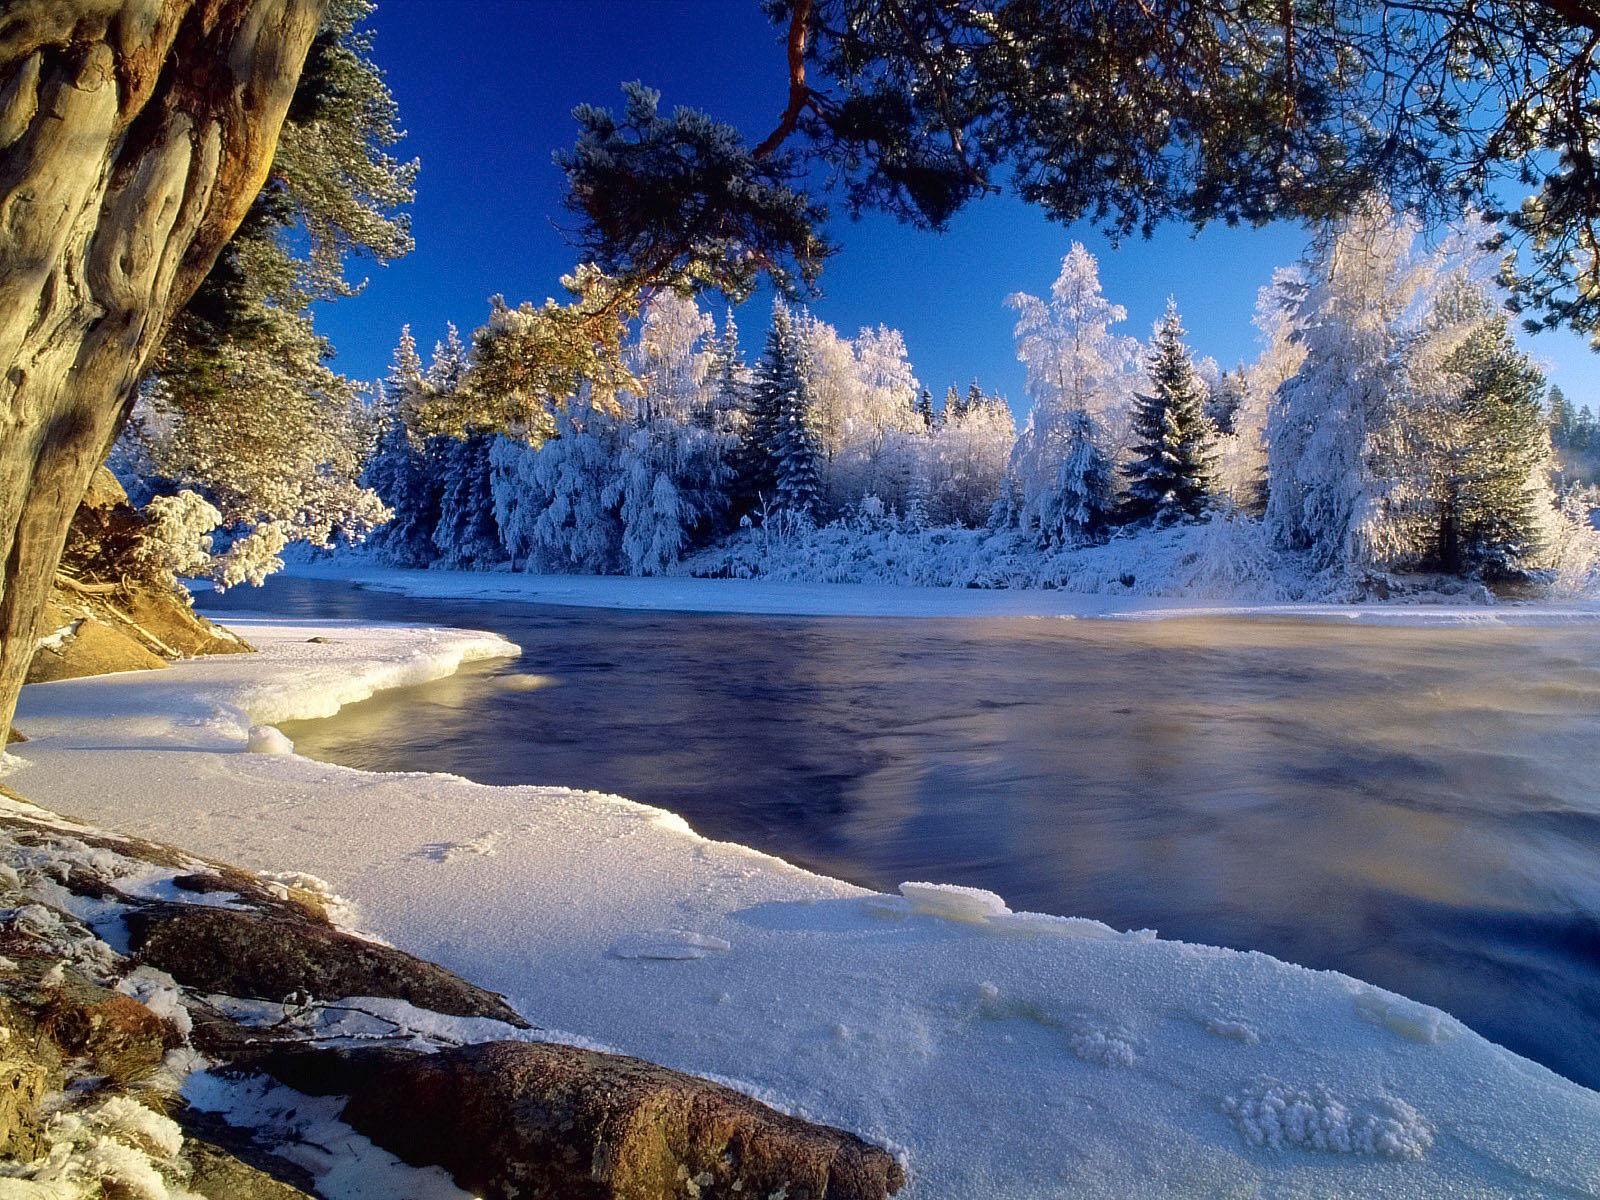 http://3.bp.blogspot.com/-ow10P7HytYs/T8AqyQh_DYI/AAAAAAAAAuI/PJrK3sDIhNA/s1600/Winter-Wallpapers-HD-3.jpg